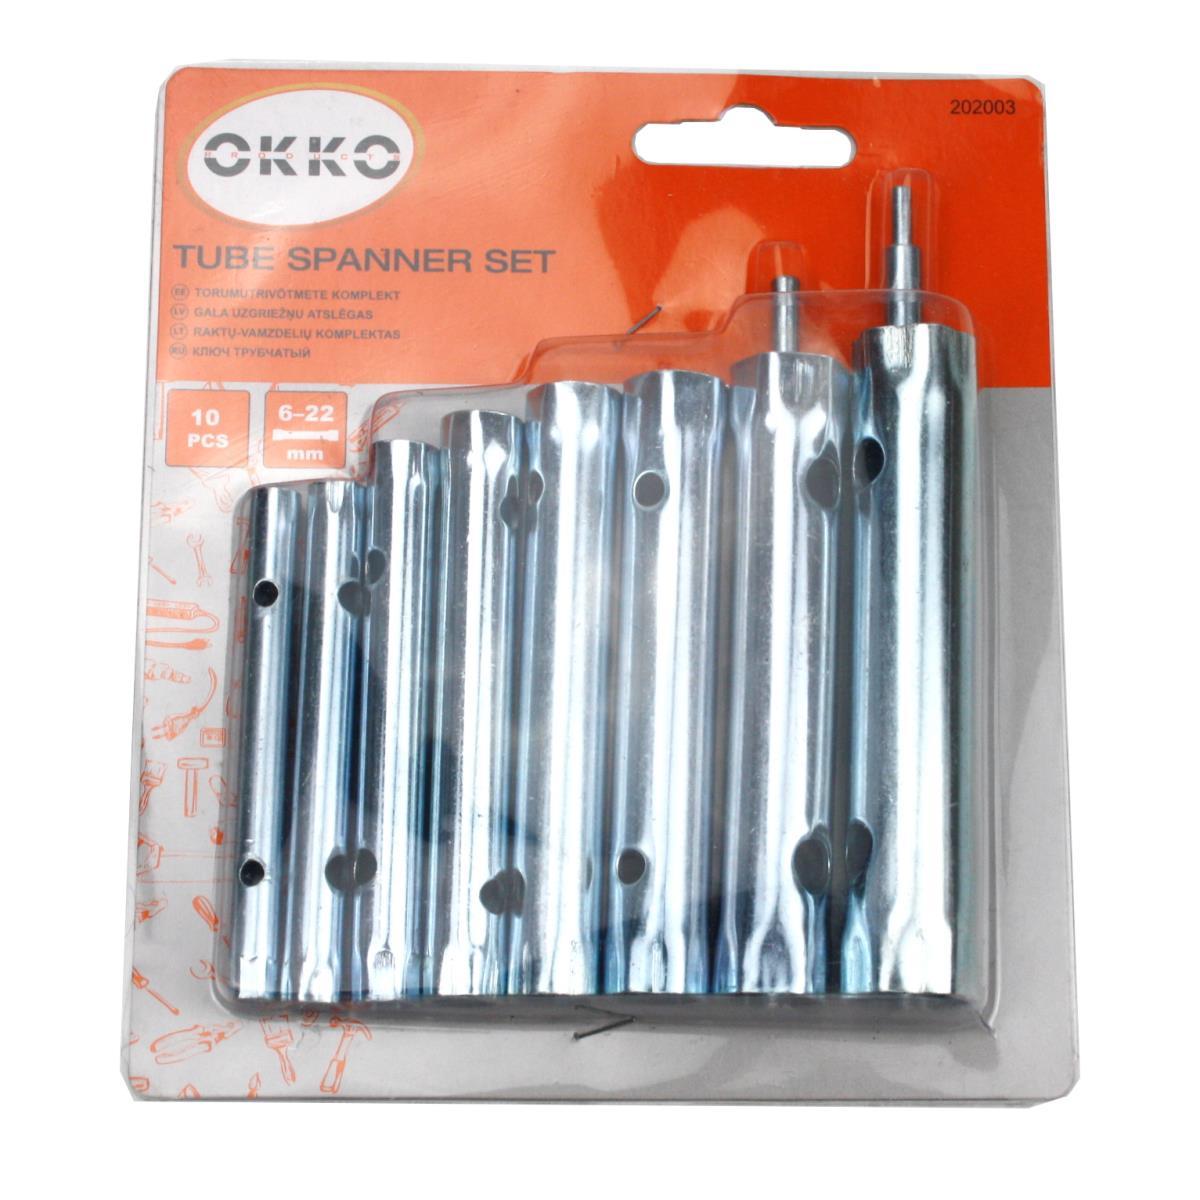 Rohr Steckschlüssel Satz 10-tlg. Rohrschlüssel Werkzeug Set 6-22 mm Schlüssel,Vagner SDH,202003, 6942713101534